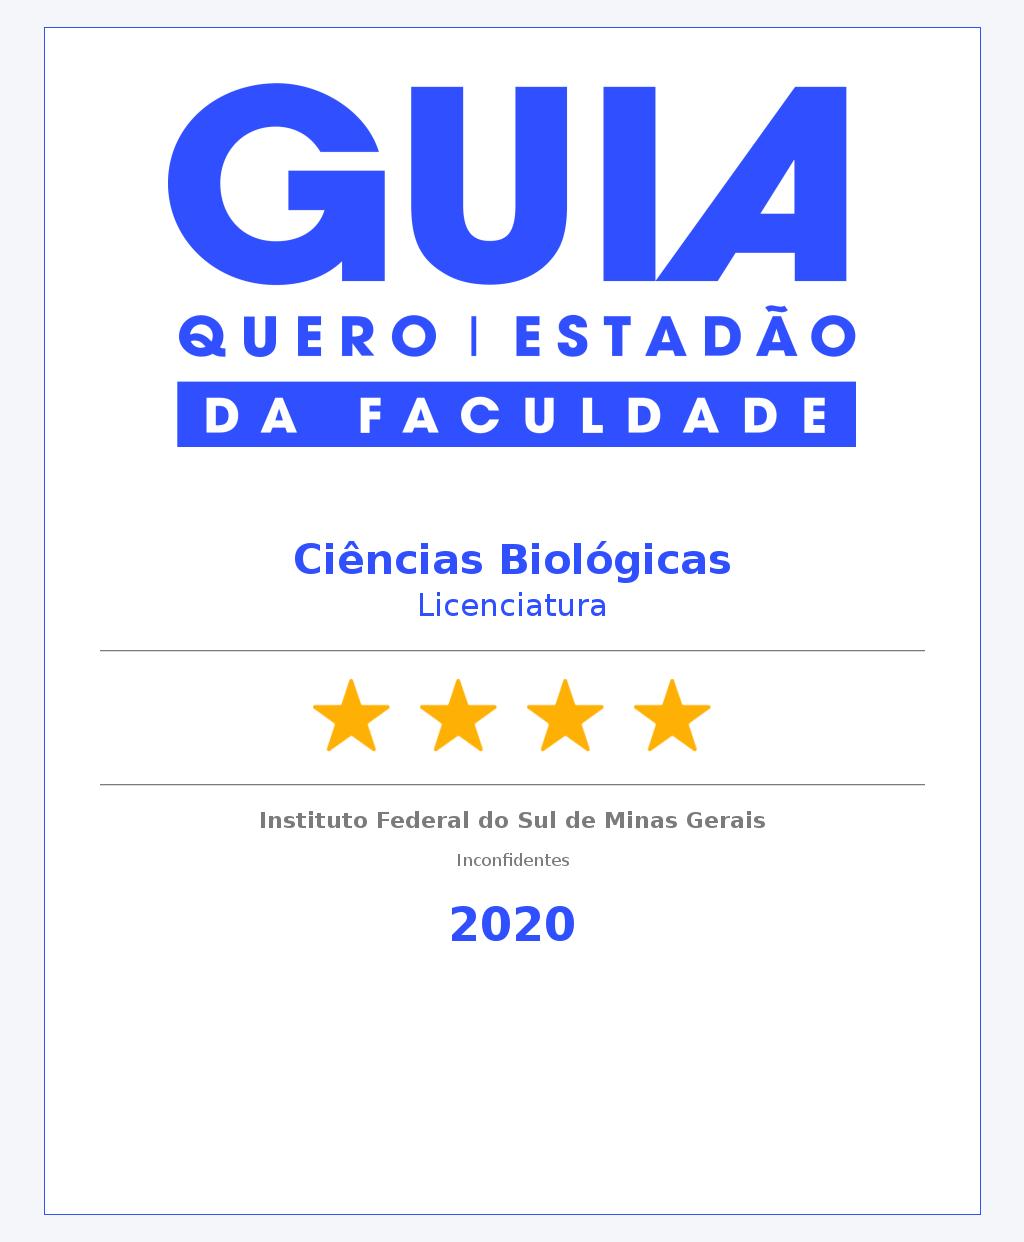 Ciências Biológicas Licenciatura Inconfidentes 4 Estrelas